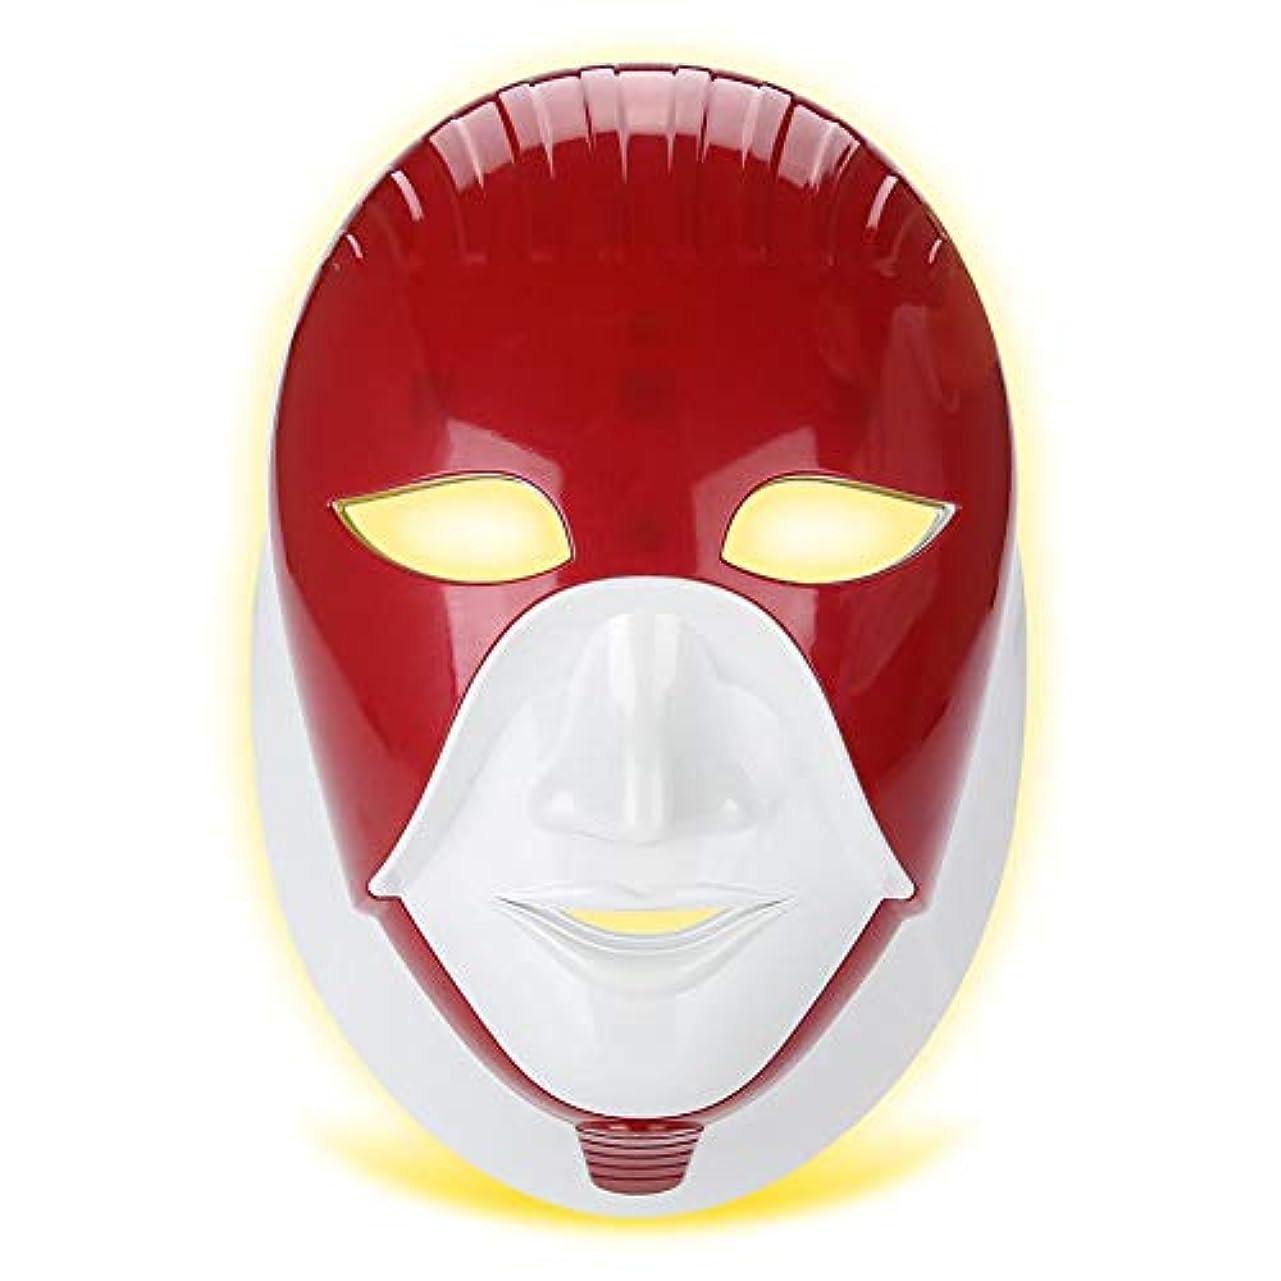 LEDフェイシャルネックマスク、滑らかな肌のより良いのための7色のネオン - 輝くライトフェイスケア美容ツール、肌のリラクゼーショング、引き締め、調色、引き締まった肌、瑕疵び、美白(02#)